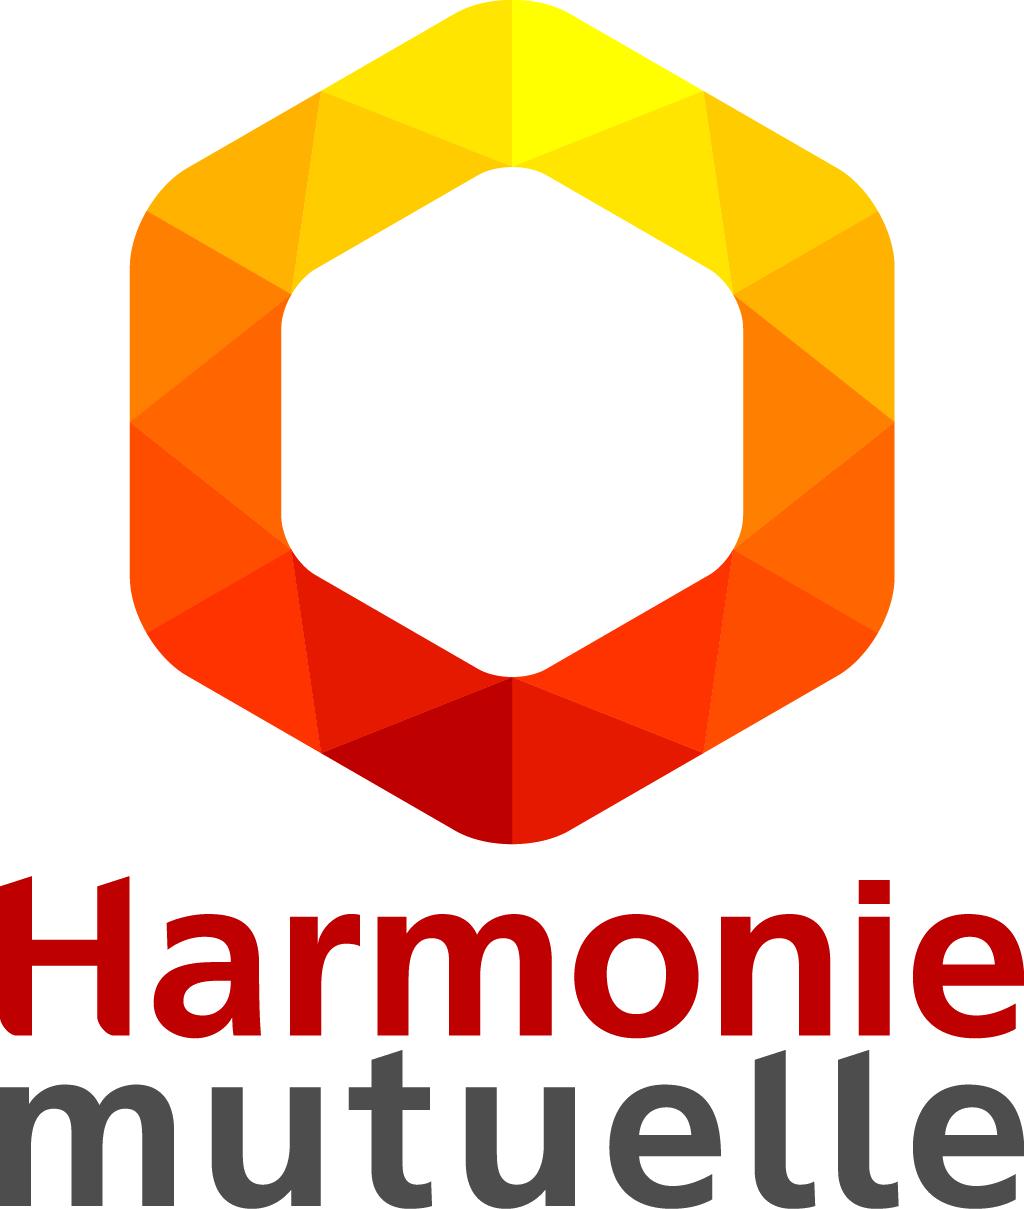 Harmonie_mutuelle théâtre